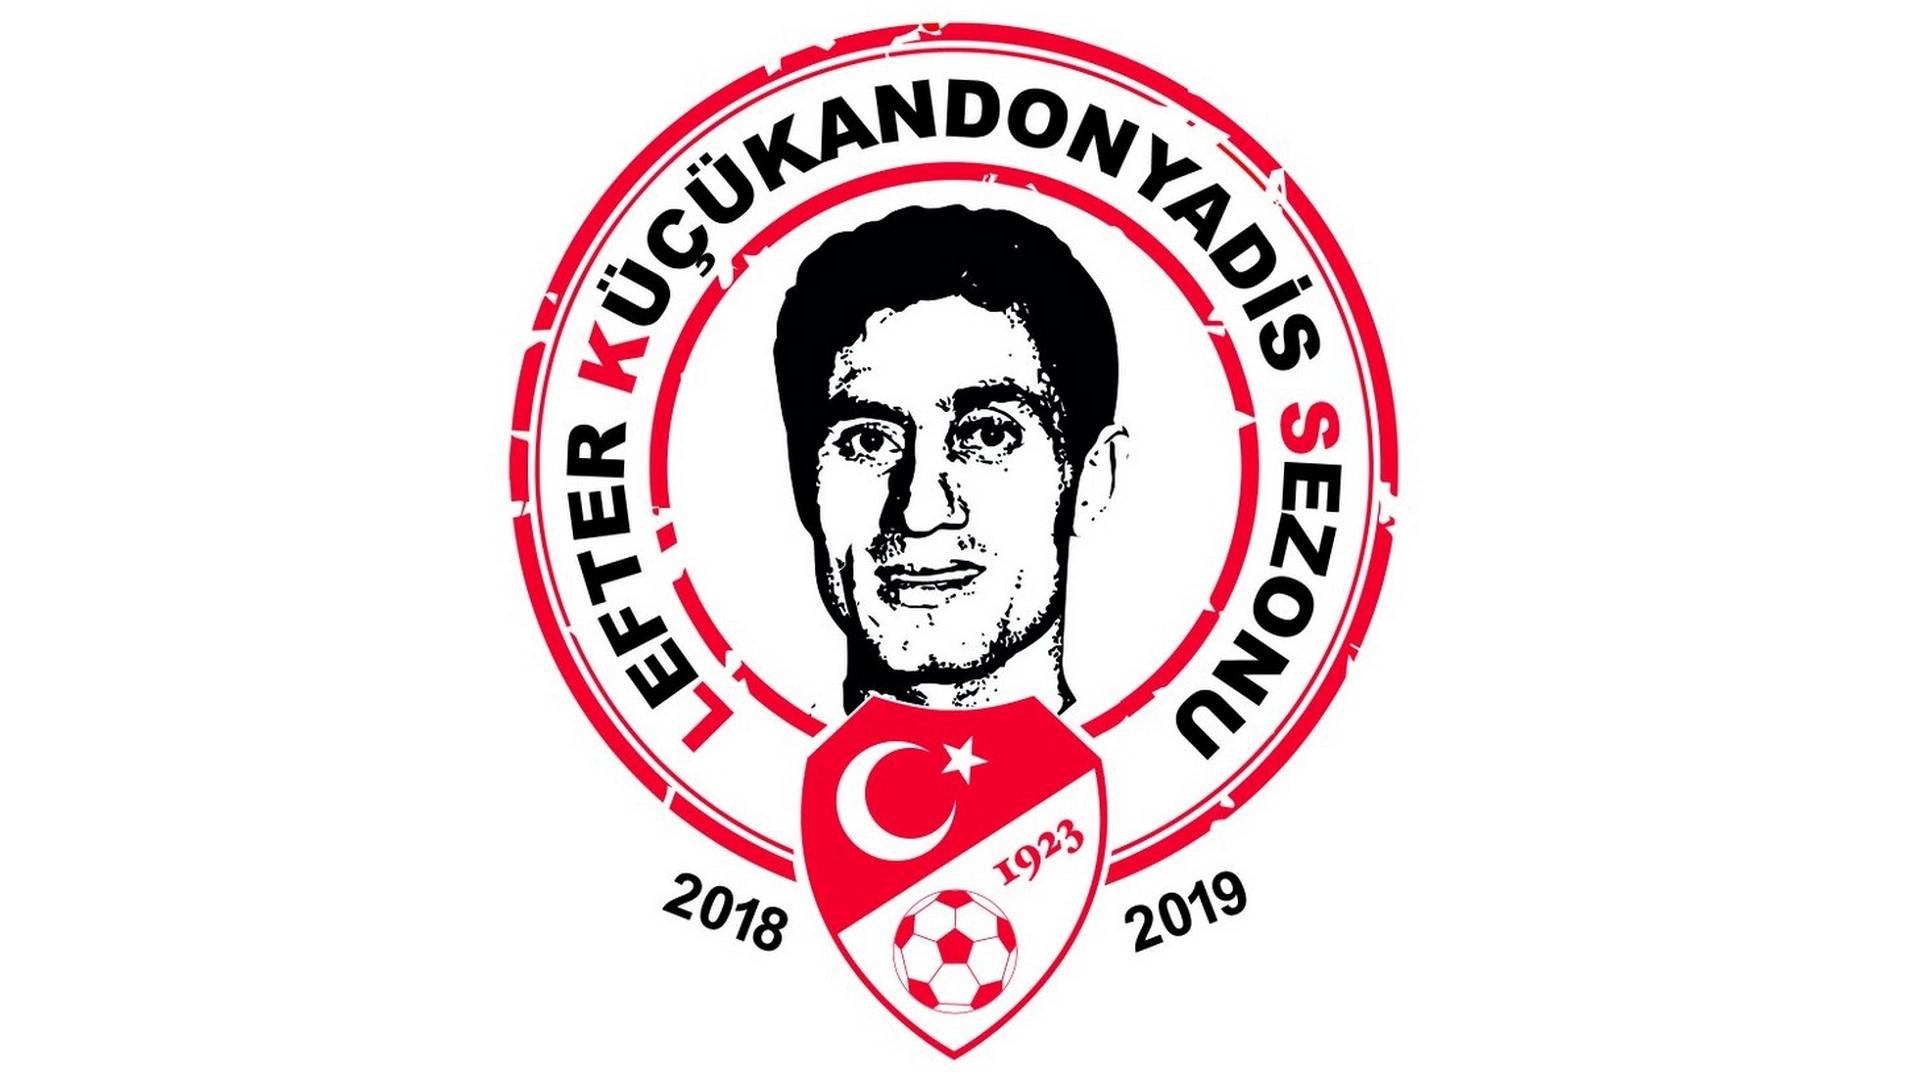 2018 - 2019 Sezonu Spor Toto Süper Lig  fikstürü çekildi